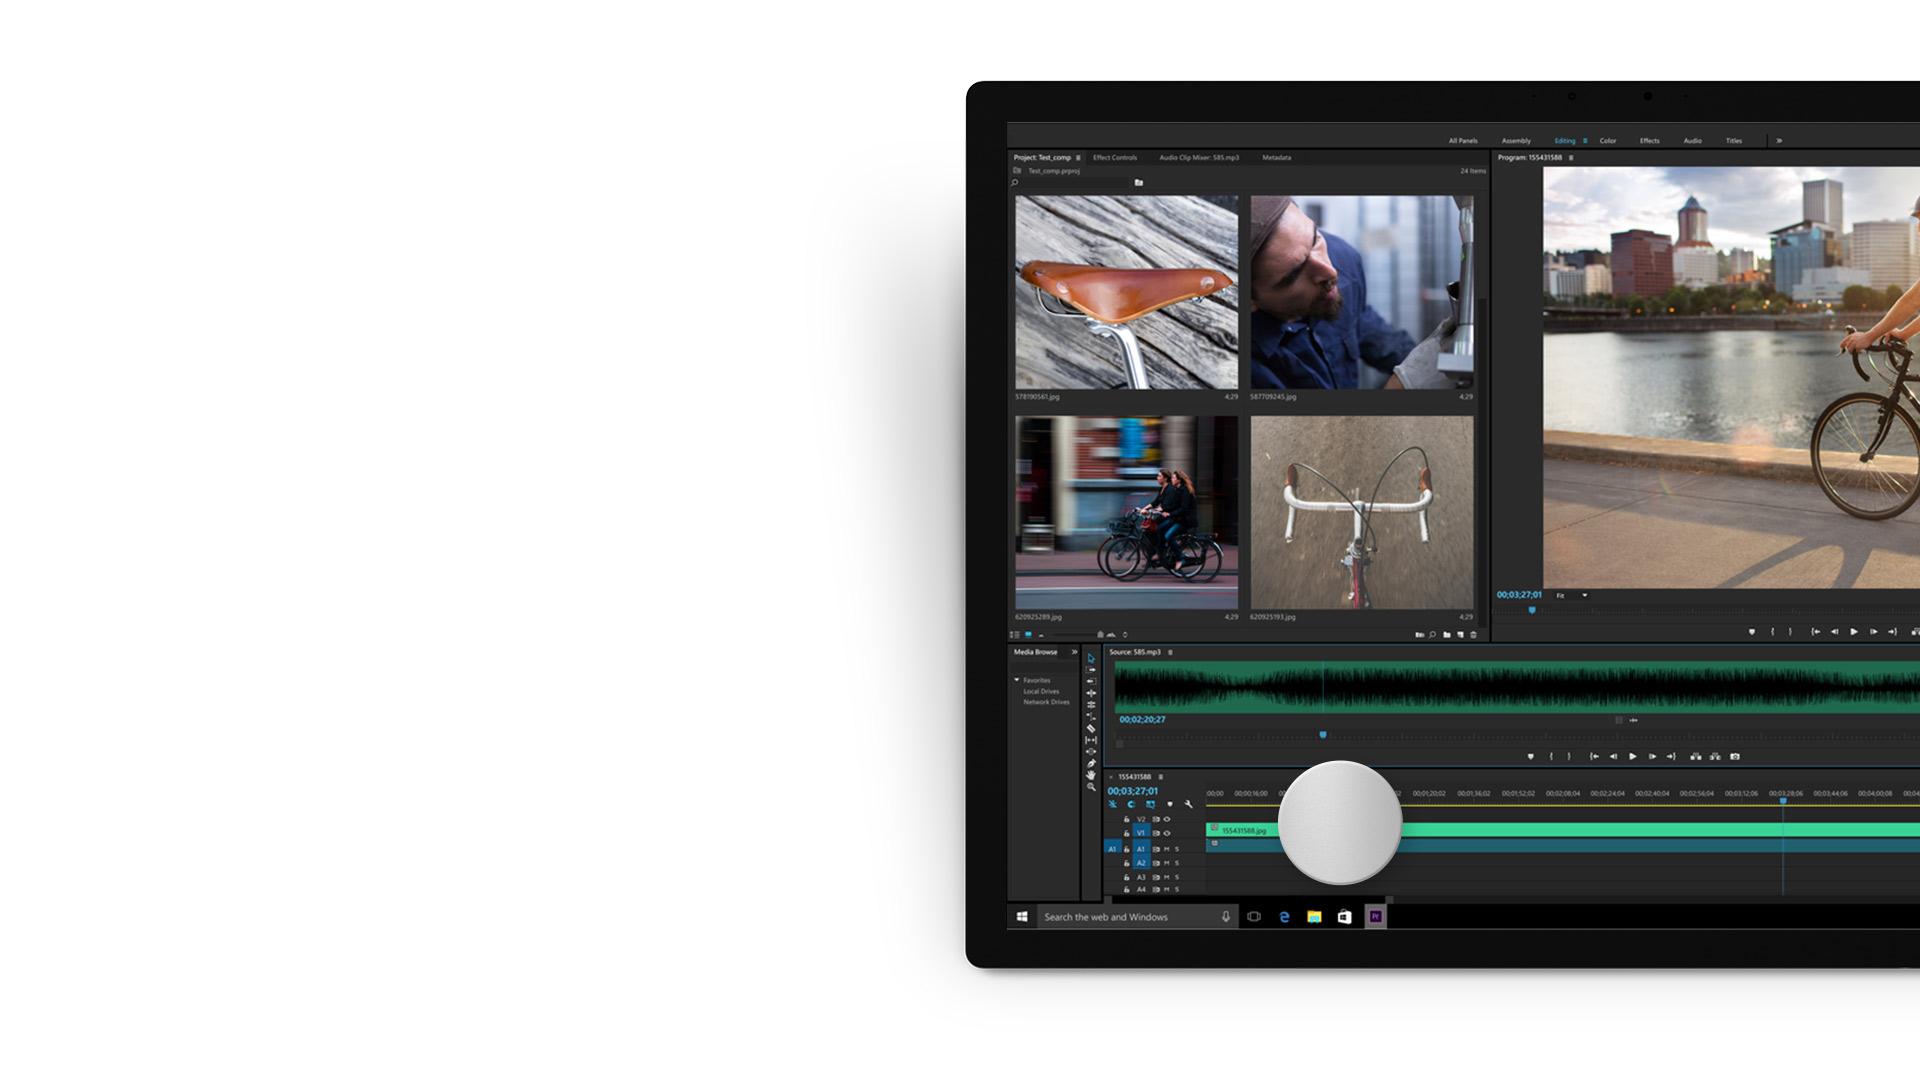 Adobe Premiere Pro CC-App auf einem Surface-Gerät.